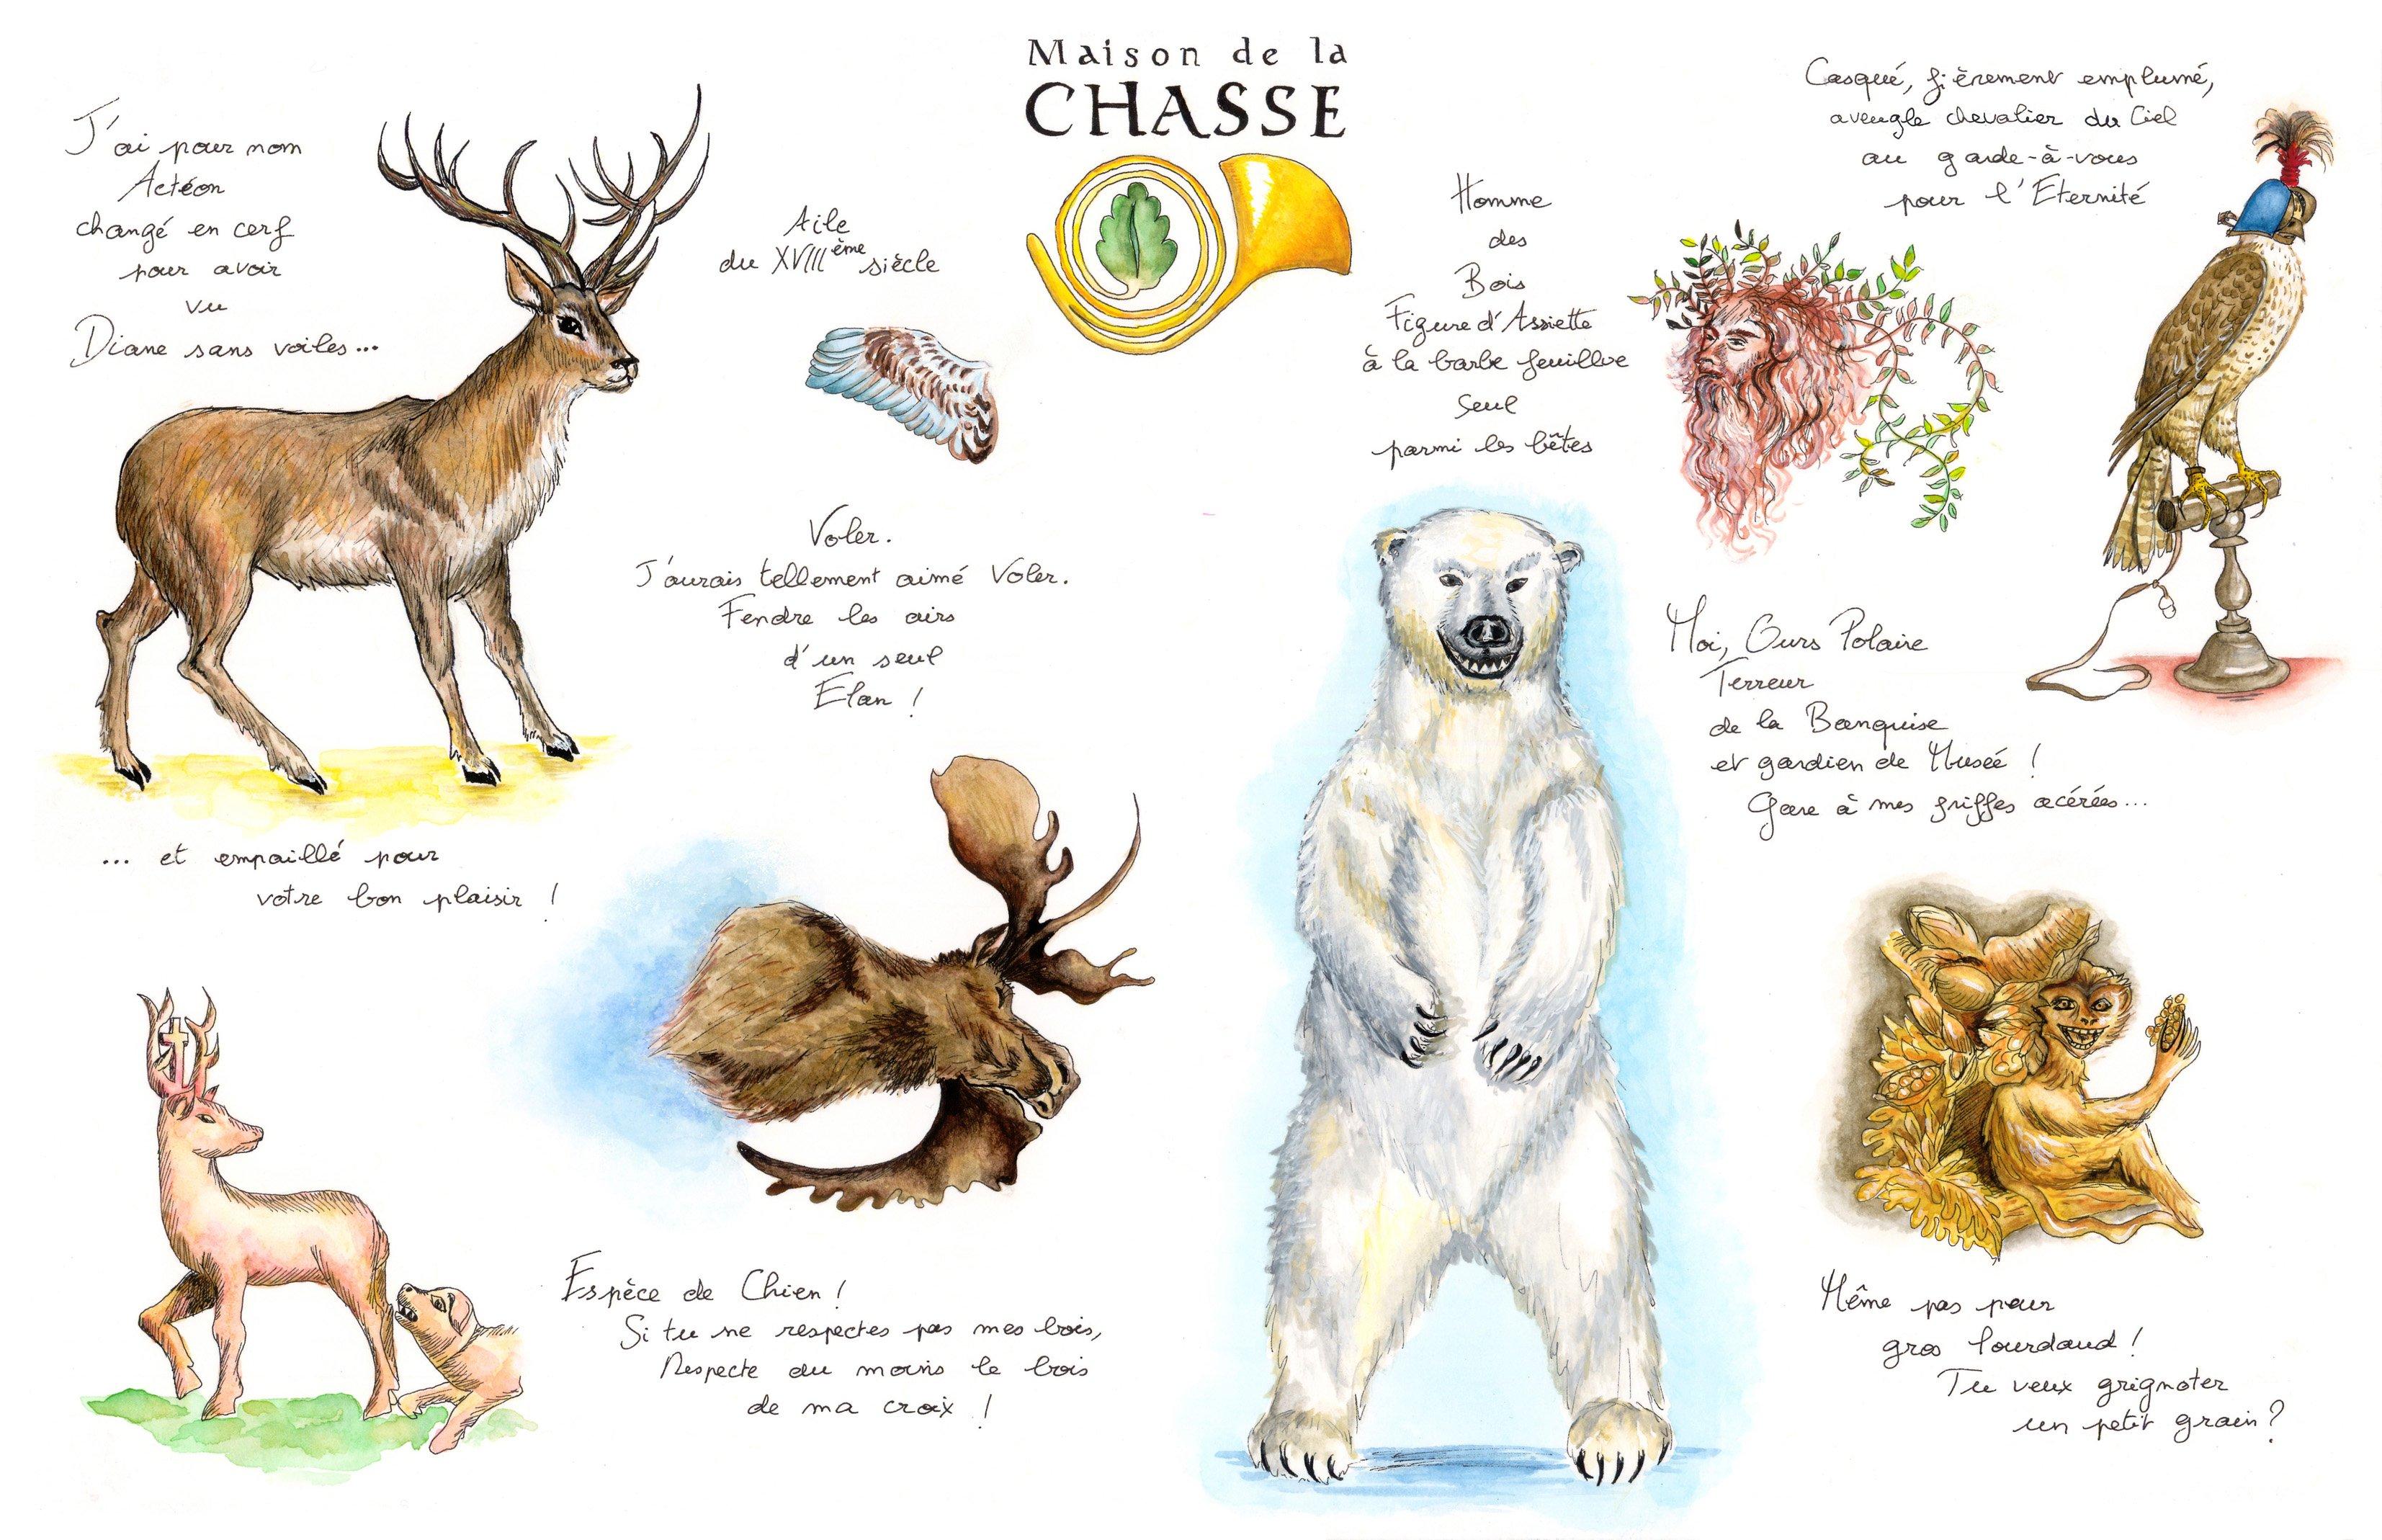 Maison de la Chasse et de la Nature